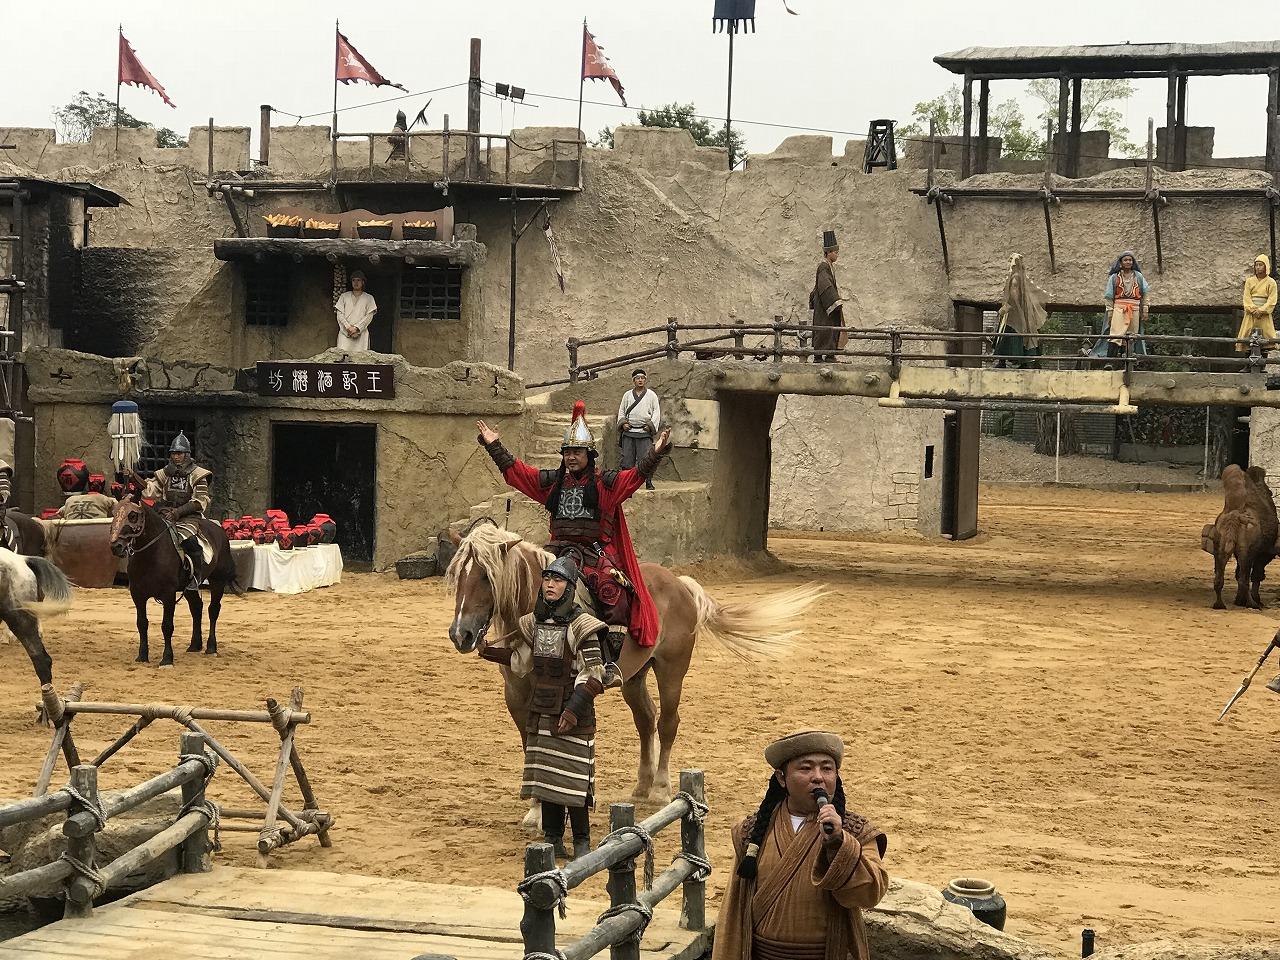 民俗文化村名物騎馬ショー「大漠伝奇」観覧